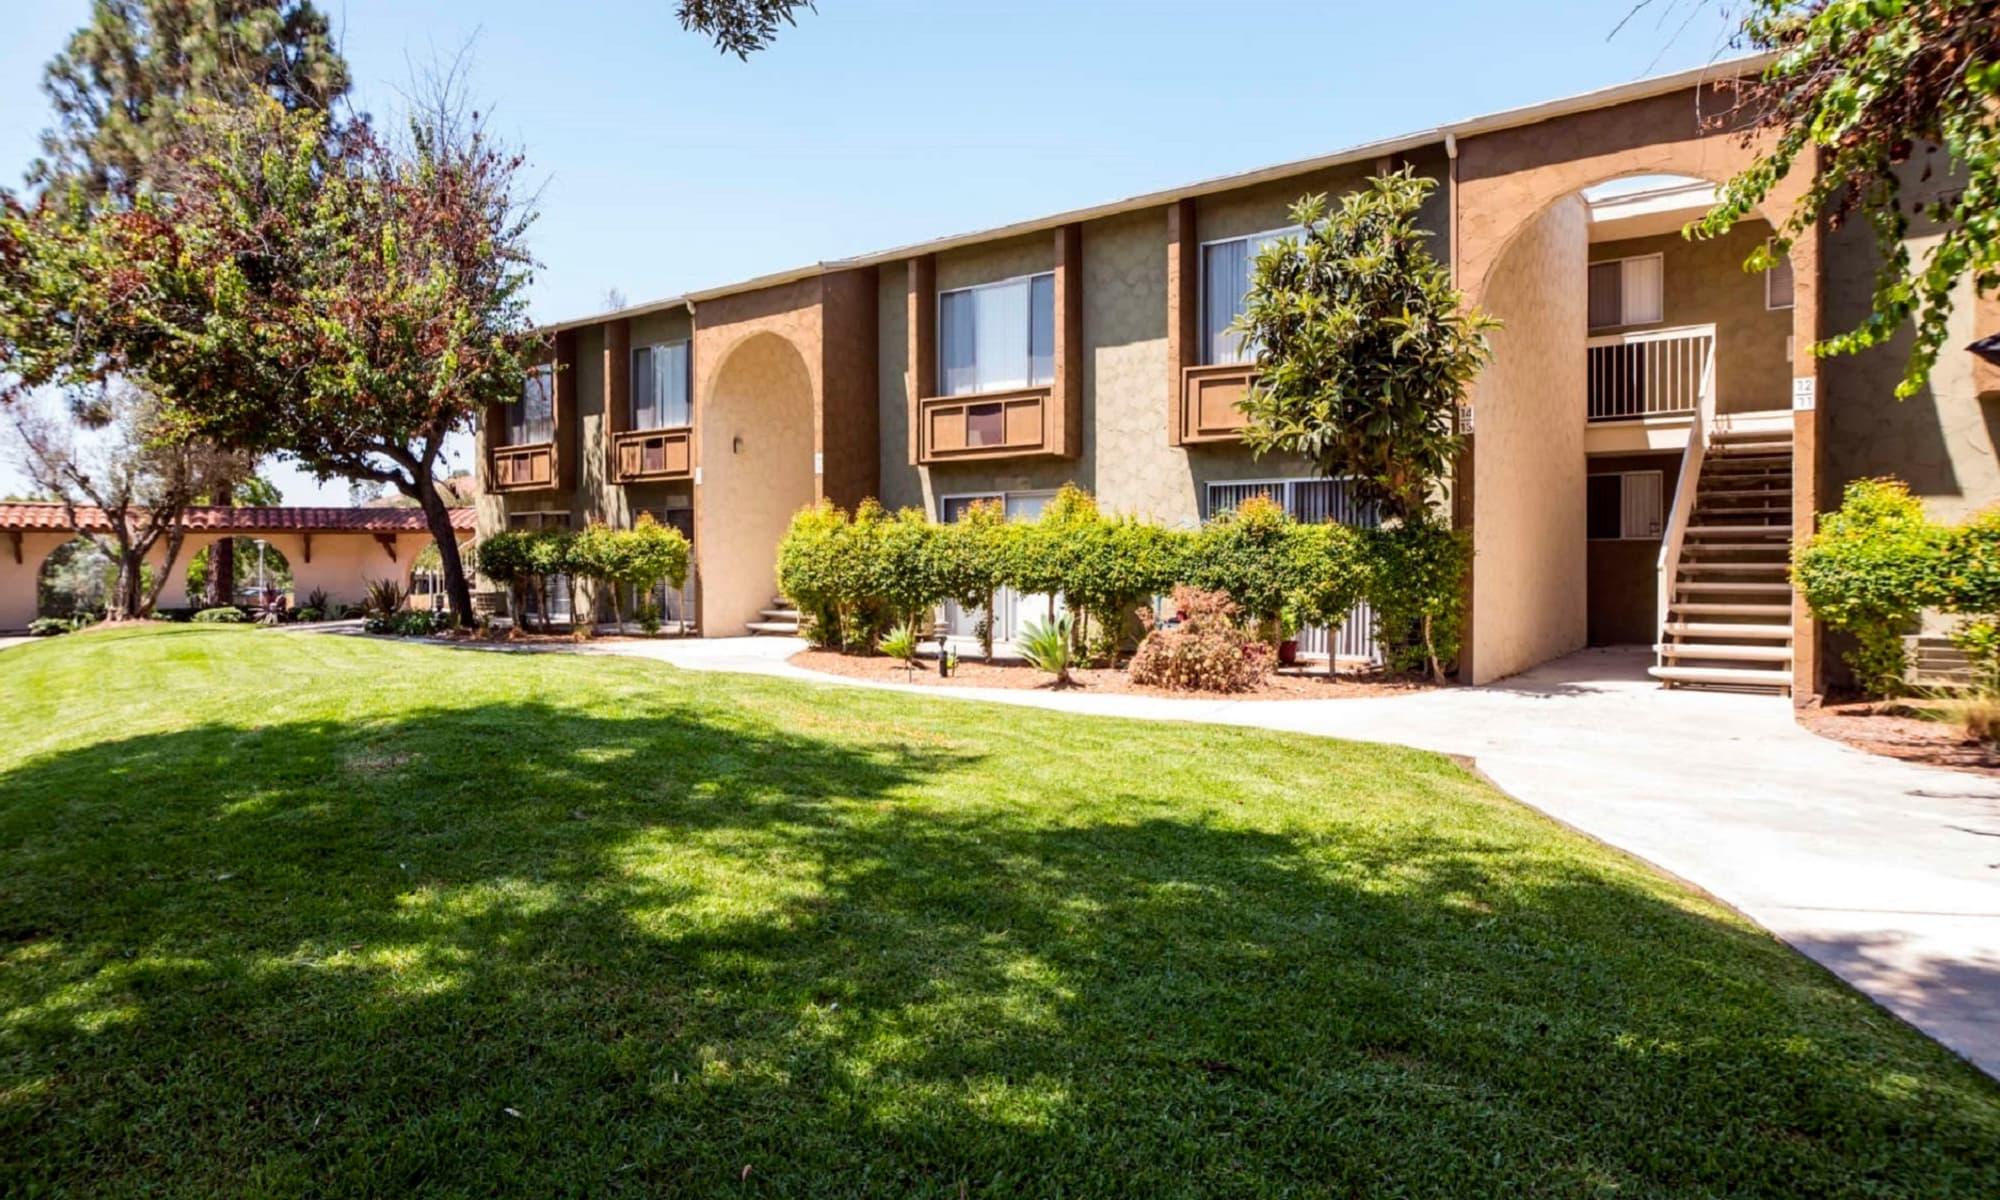 Apartments in La Mesa, CA